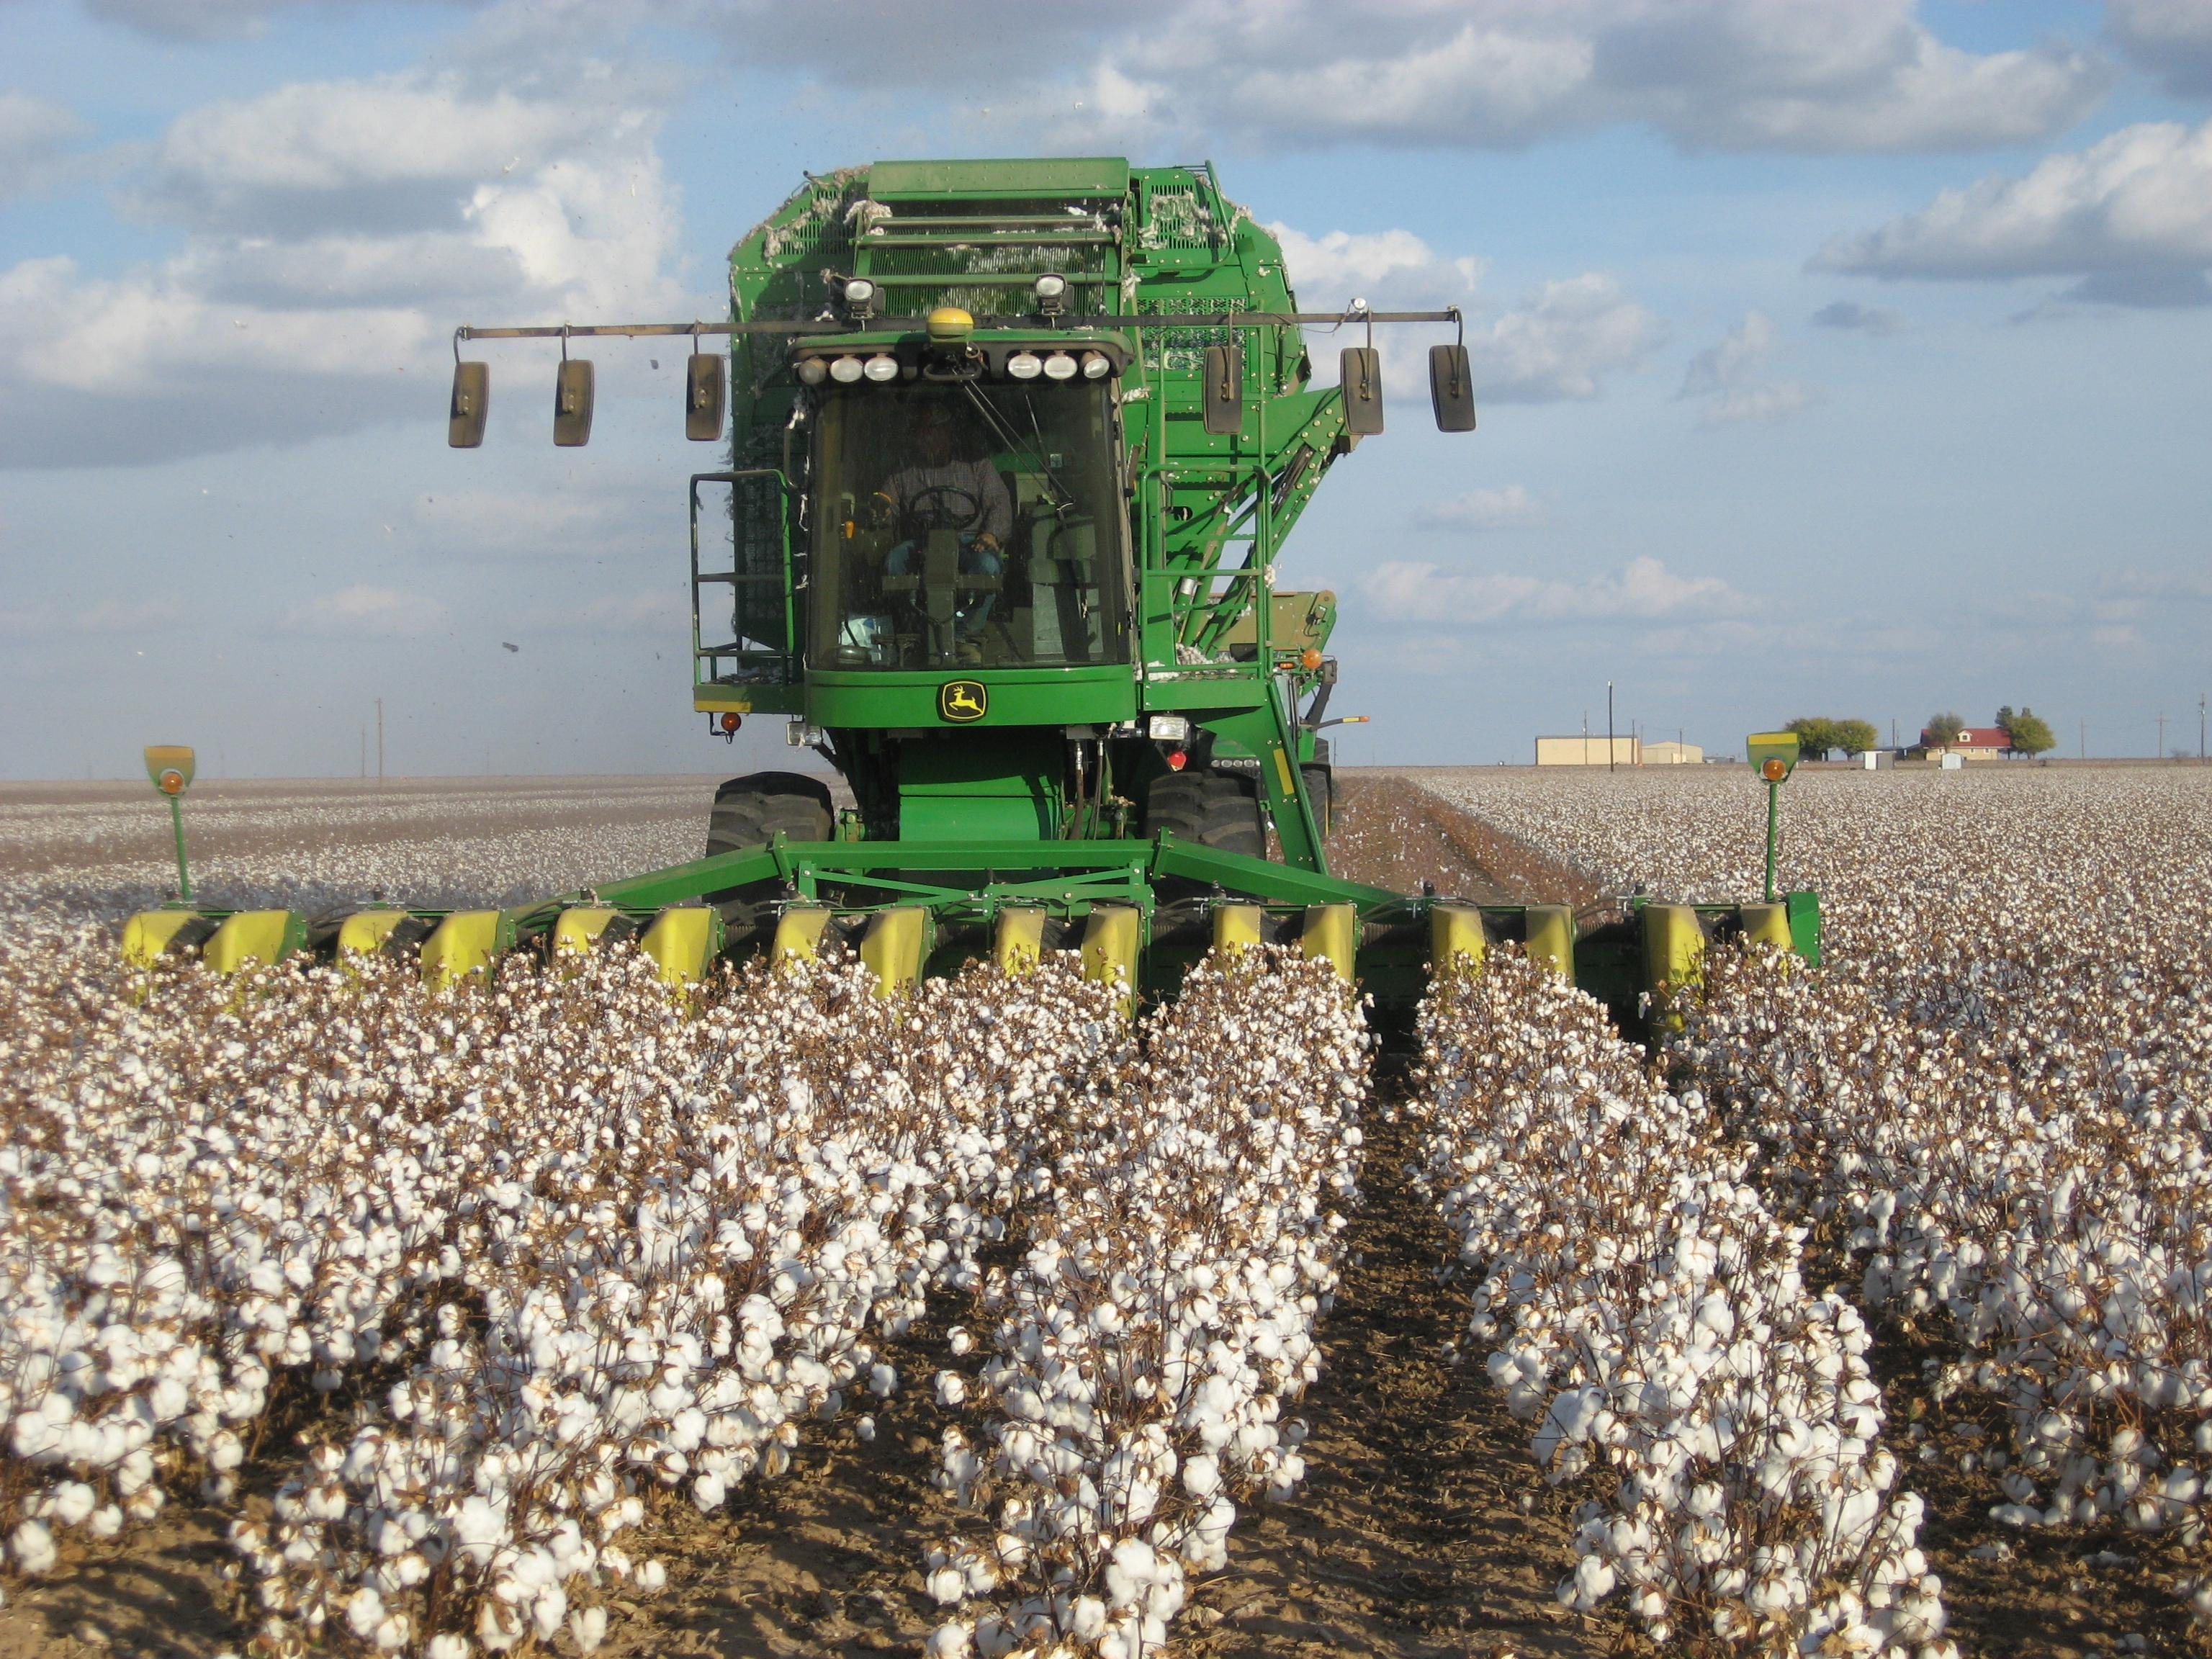 John_Deere_cotton_harvester_kv02.jpg